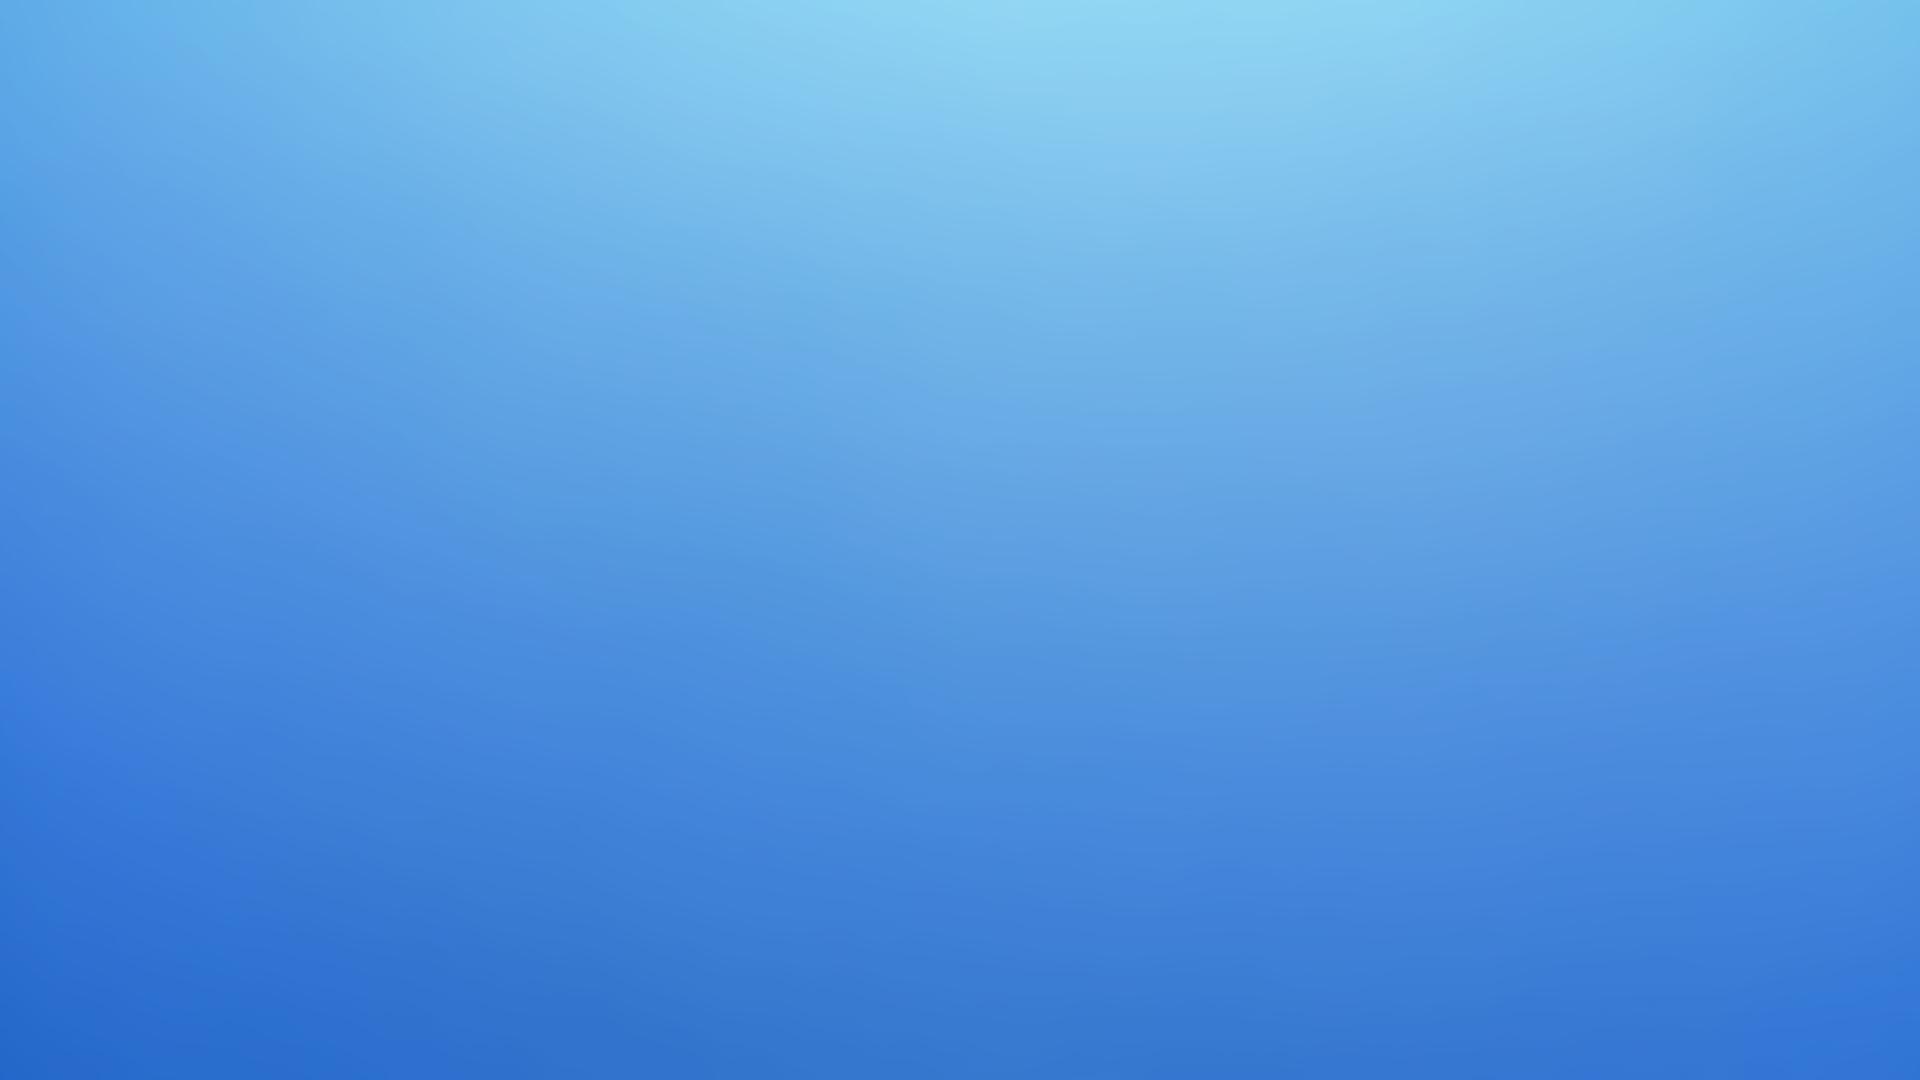 Blue Sky Desktop Wallpapers